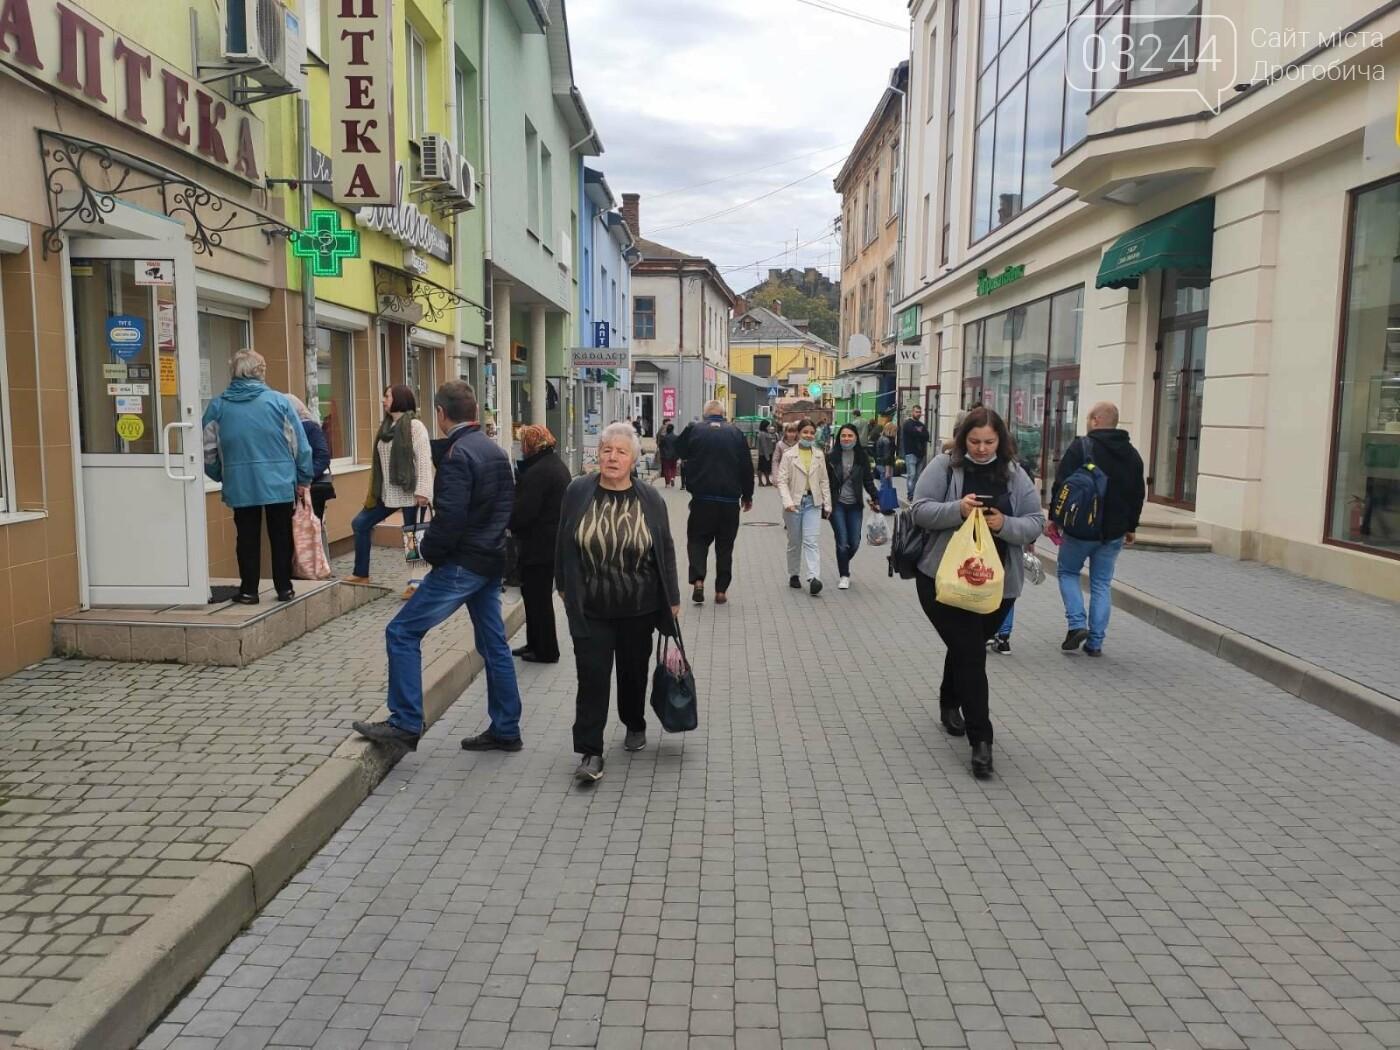 У Дрогобичі зрушення - стихійні торговці із Ковальської перейшли на новооблаштований ринок, - ФОТОРЕПОРТАЖ, фото-11